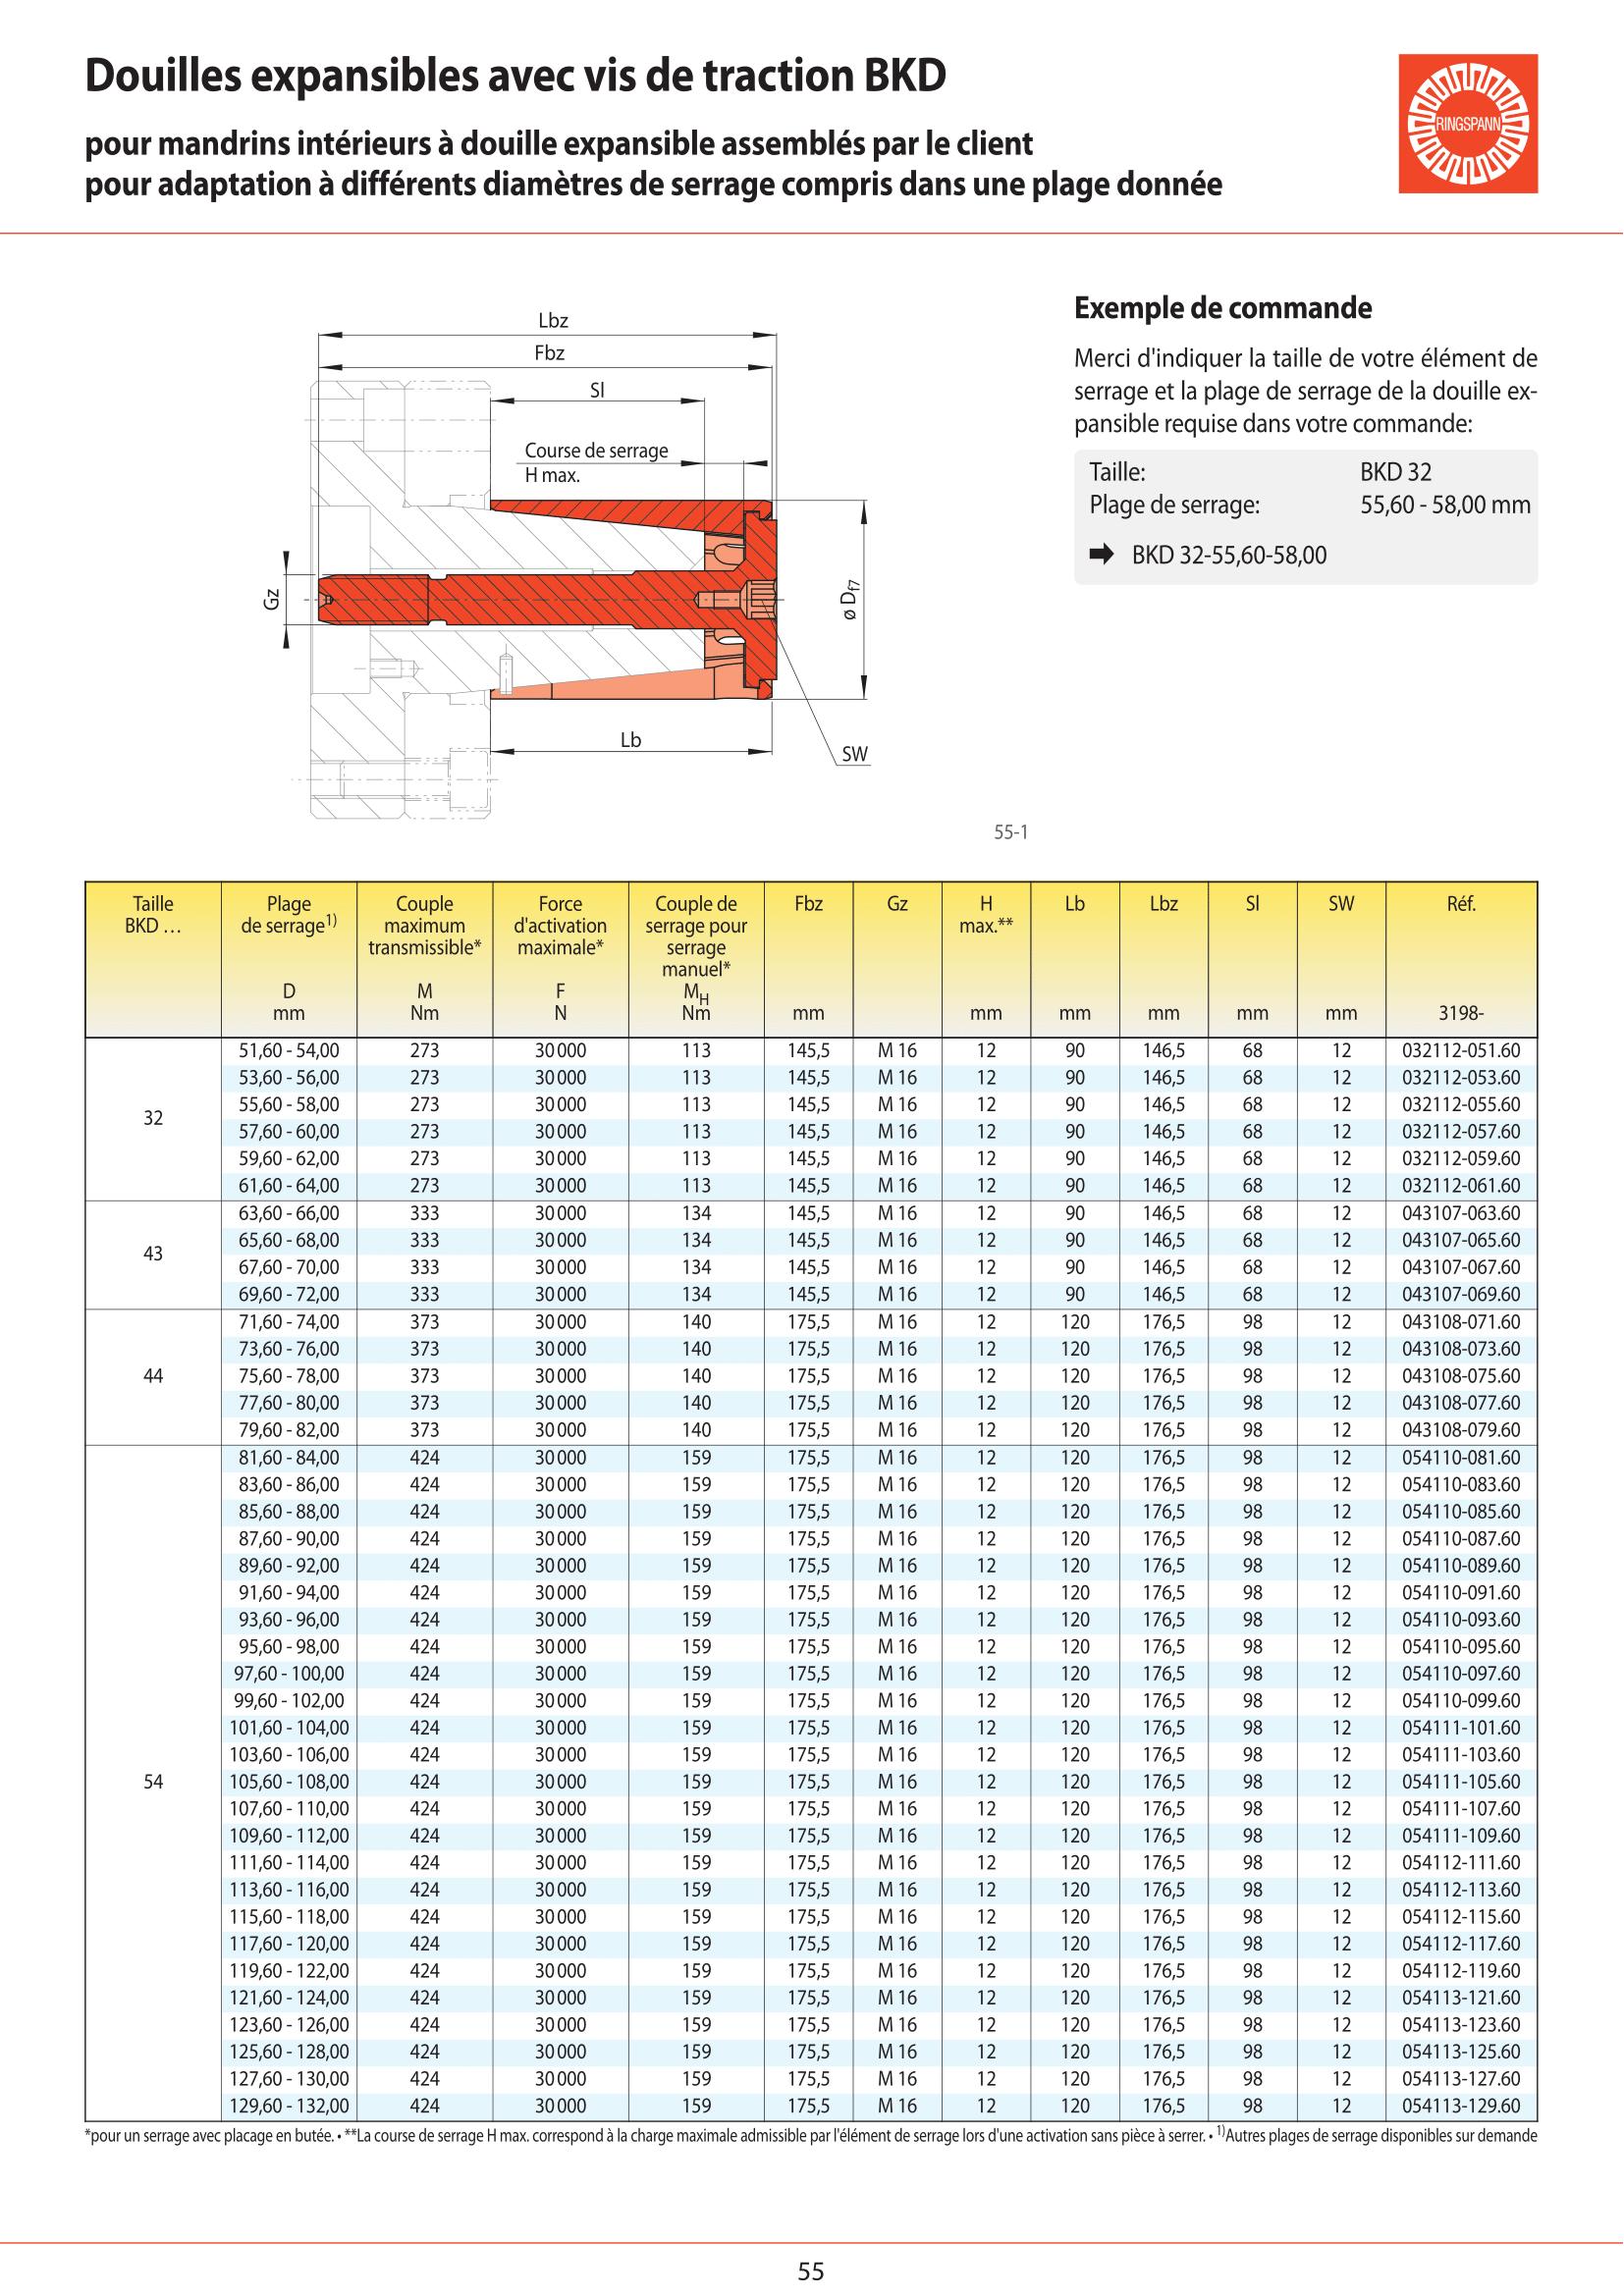 Fiche technique - BKDF 44 page 4